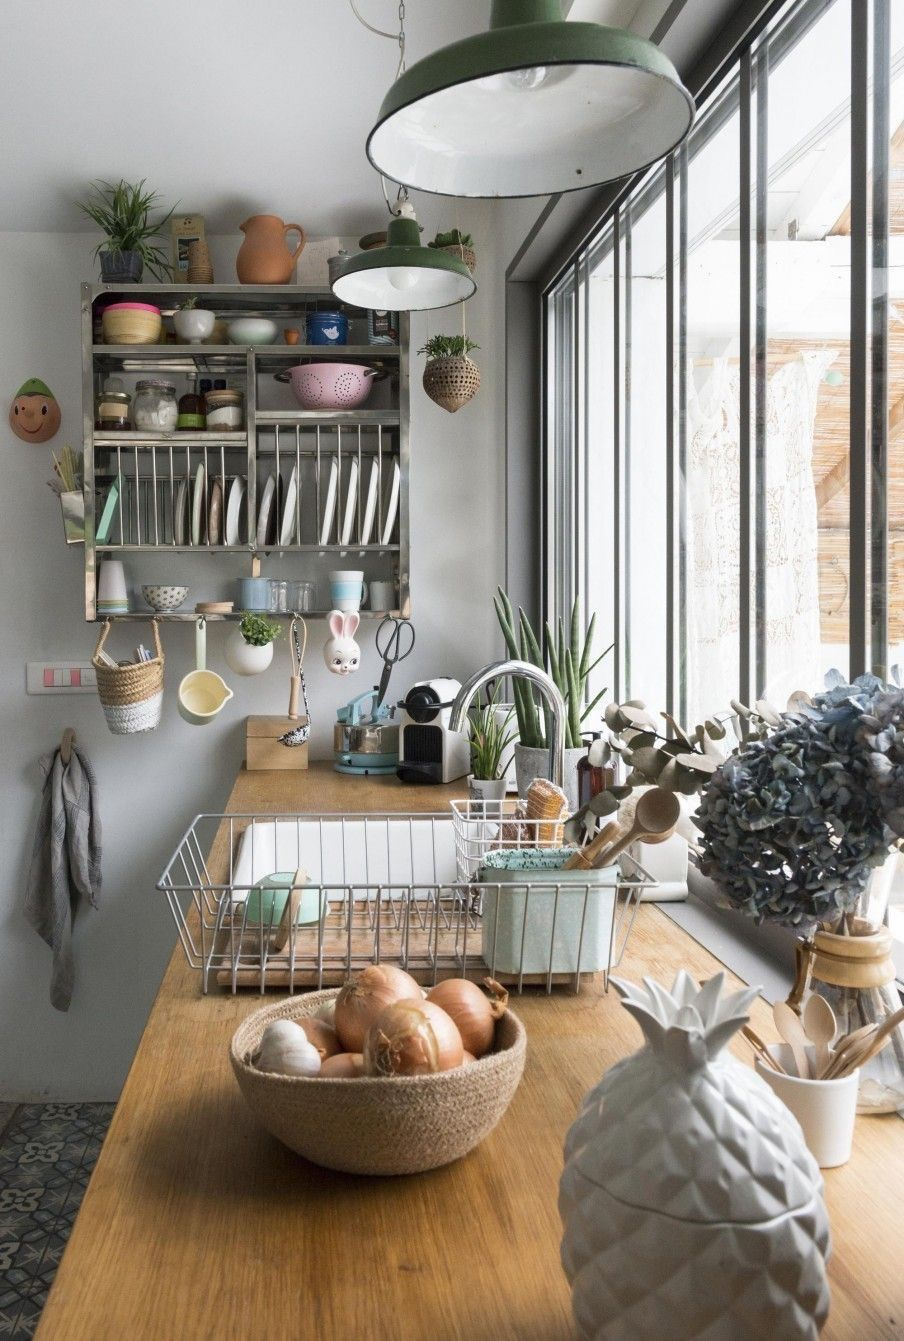 Décor industrial na cozinha dicas no zinharetro